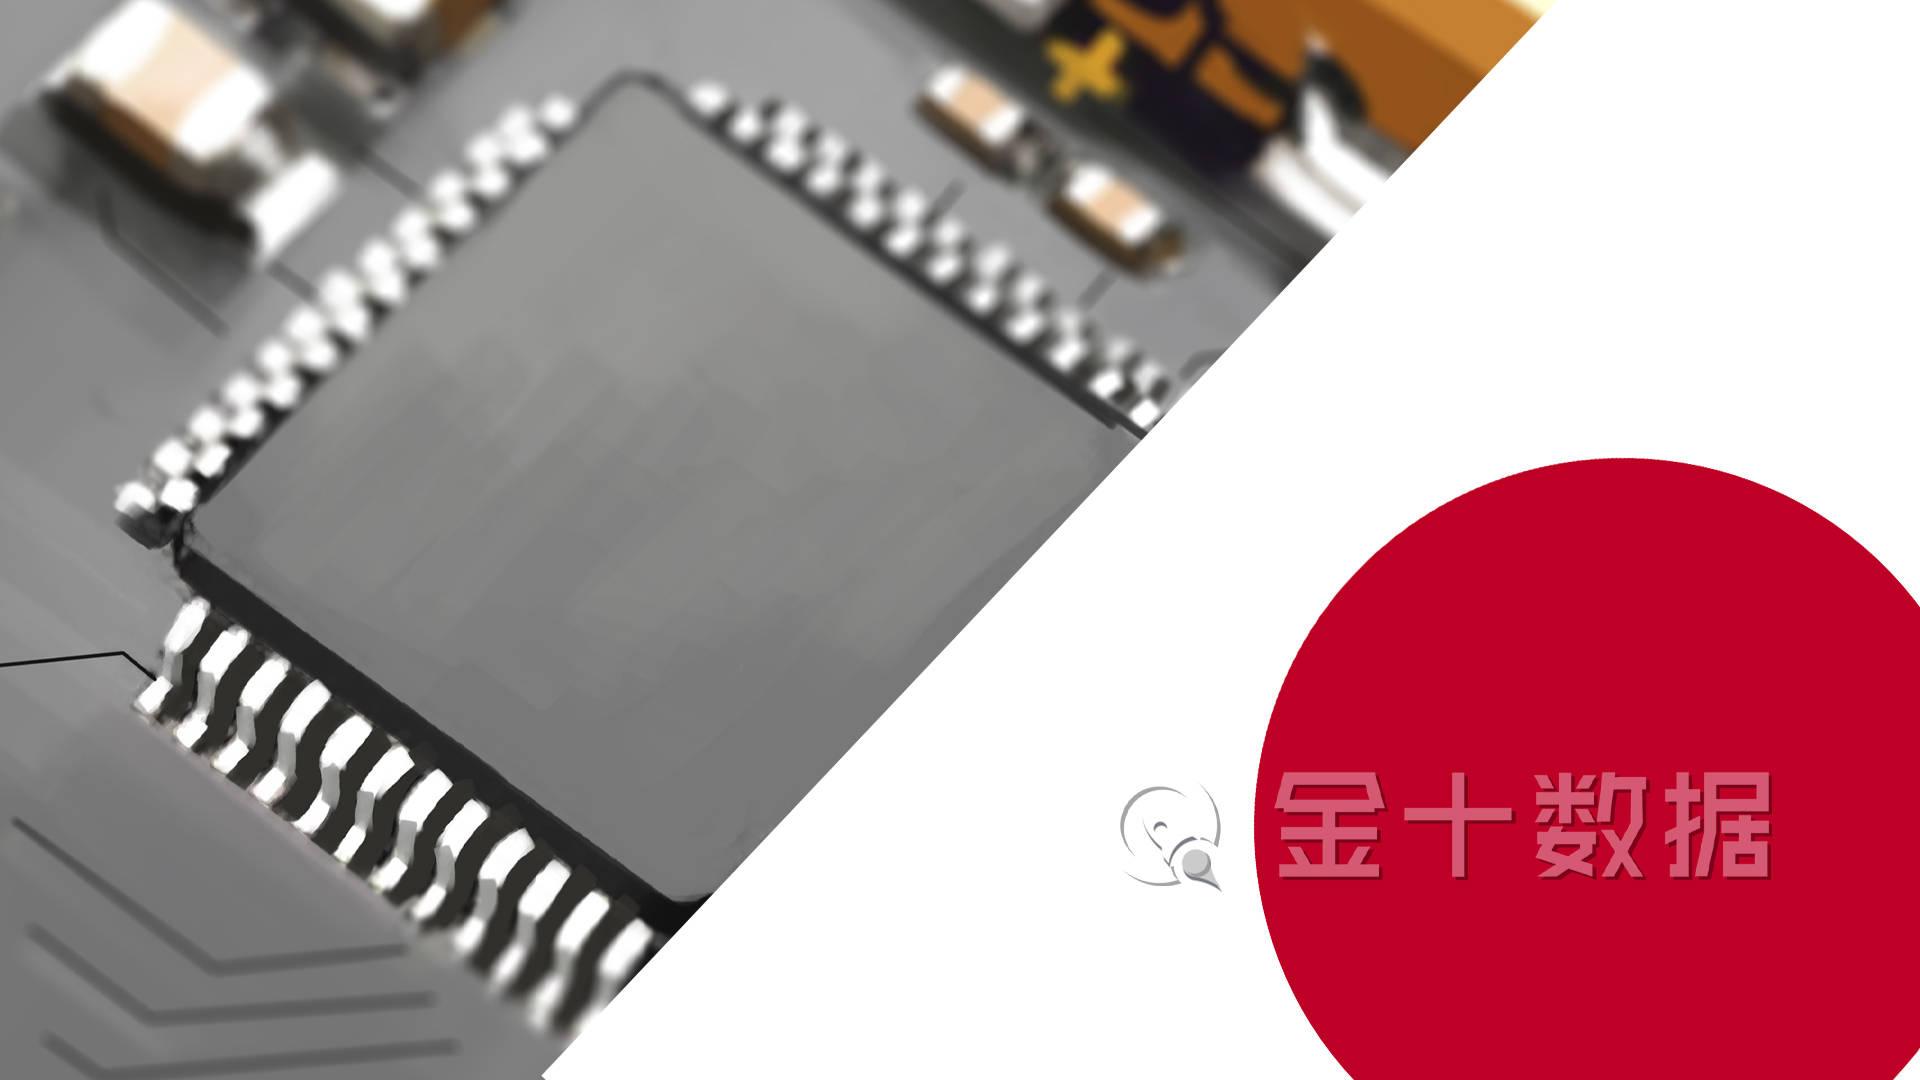 资助数千亿日元,日本邀请台积电赴日投资!台积电作出最新回应